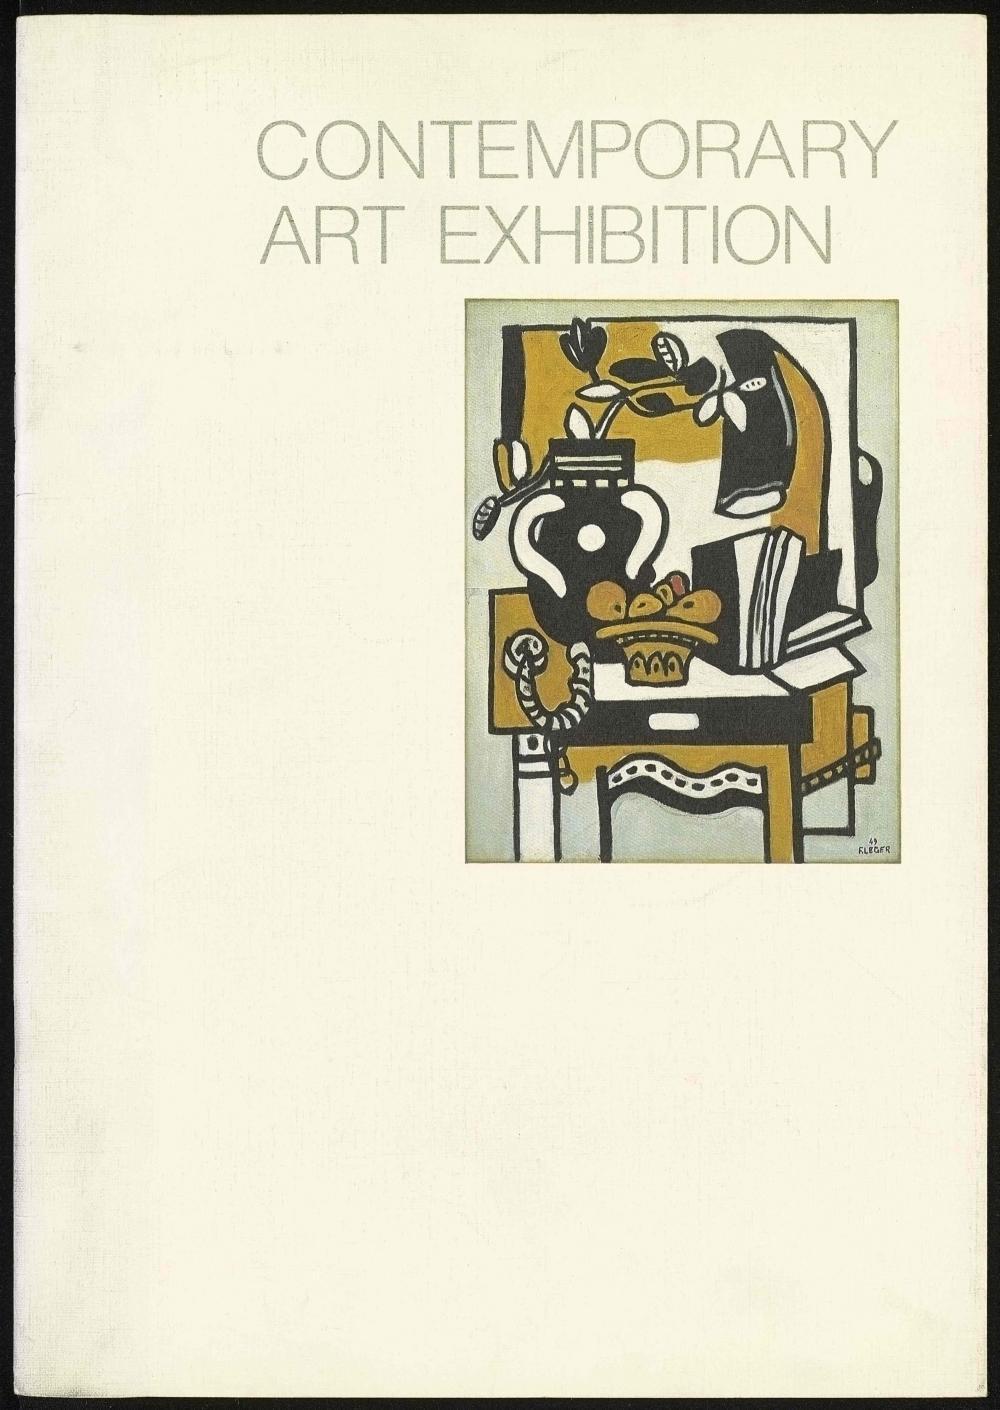 Sogestu Museum exhibition catalog